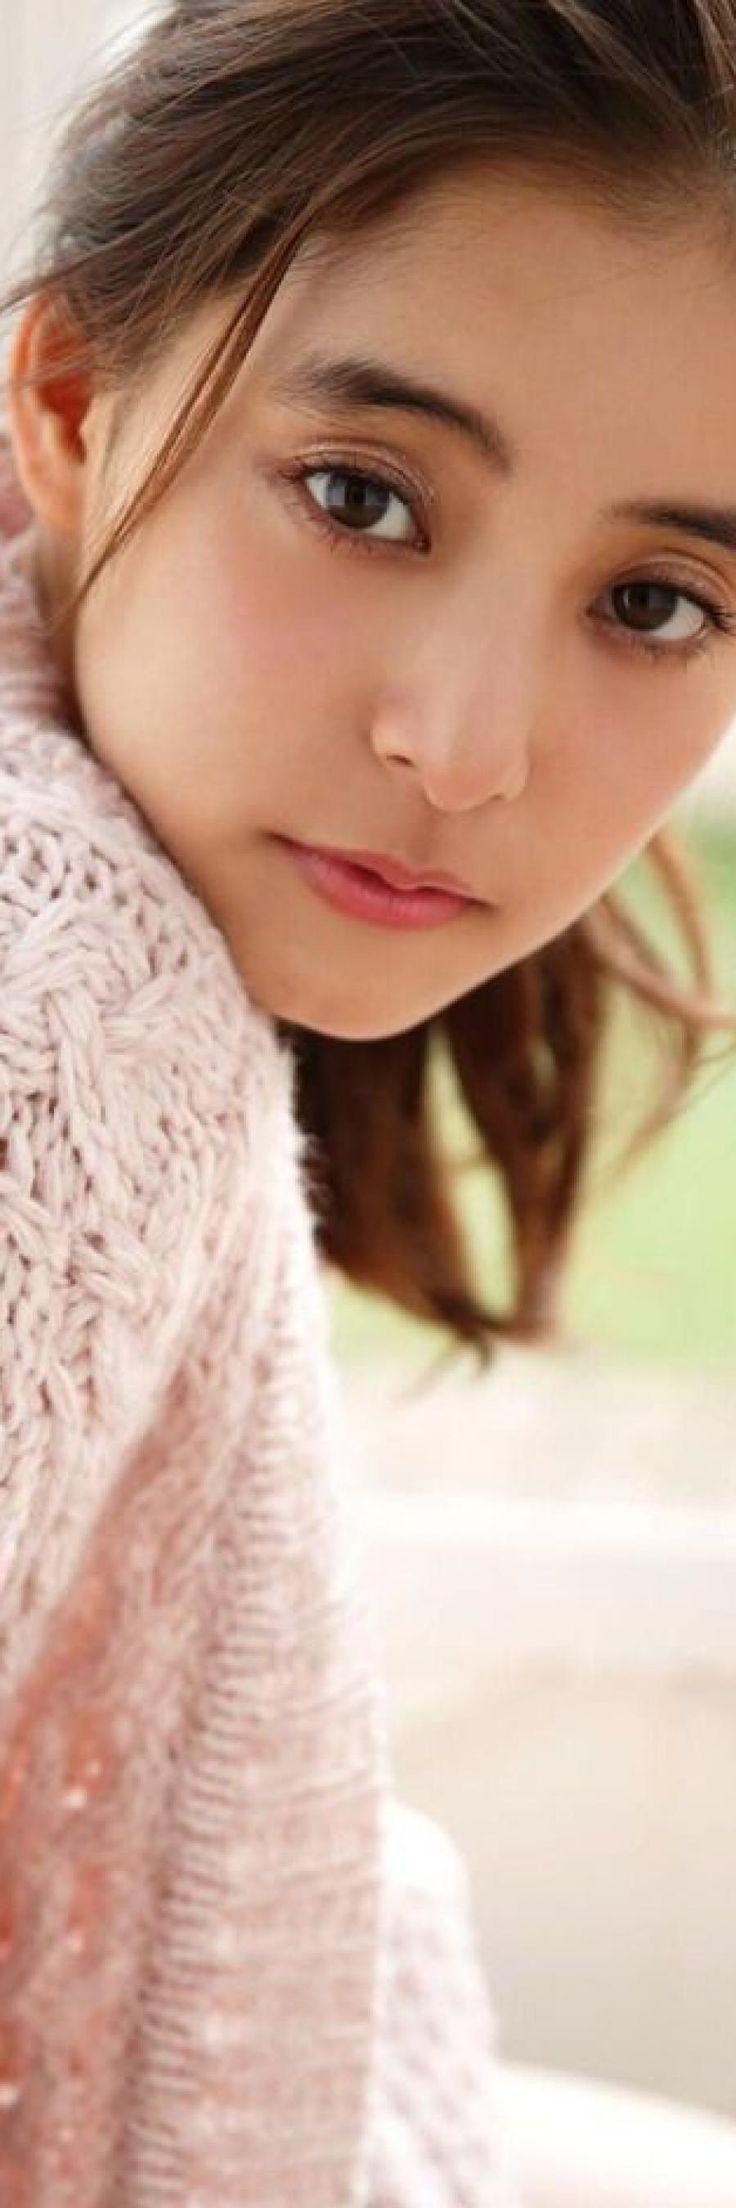 新木優子」のおすすめ画像 115 件   Pinterest   アジア、かわいい、モデル 2700x900